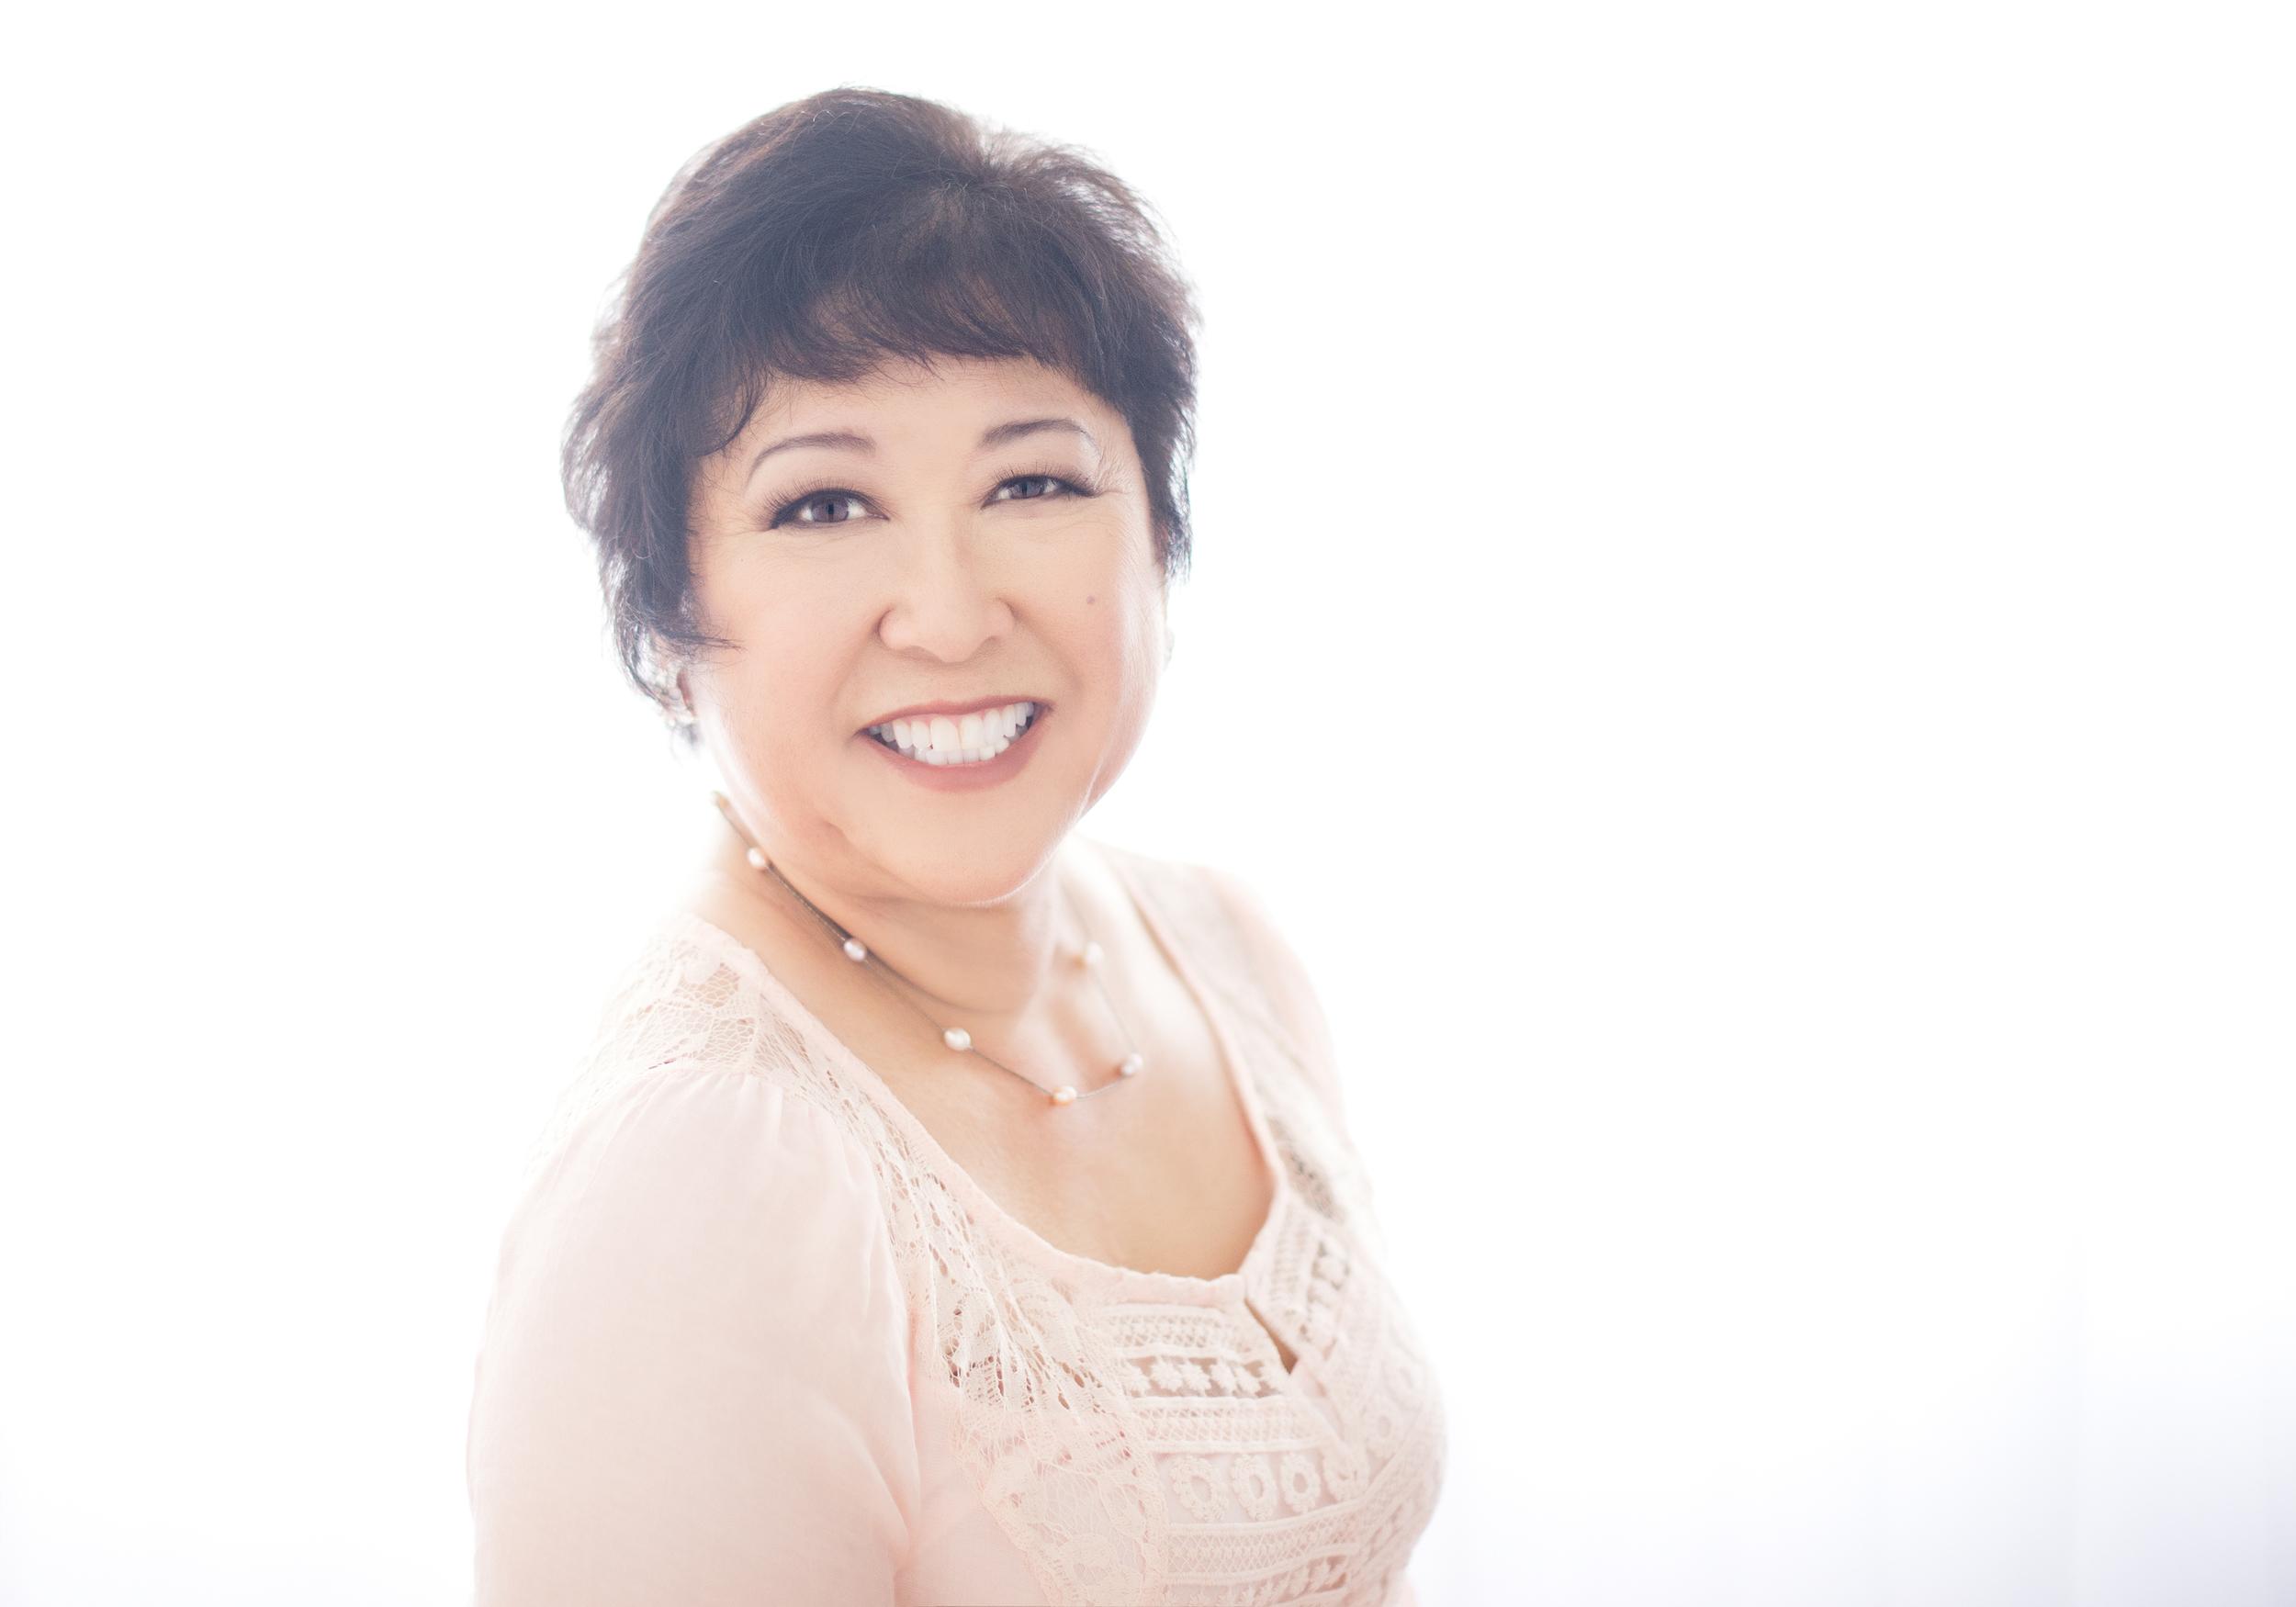 kauai-heather-toshiko-mom-01